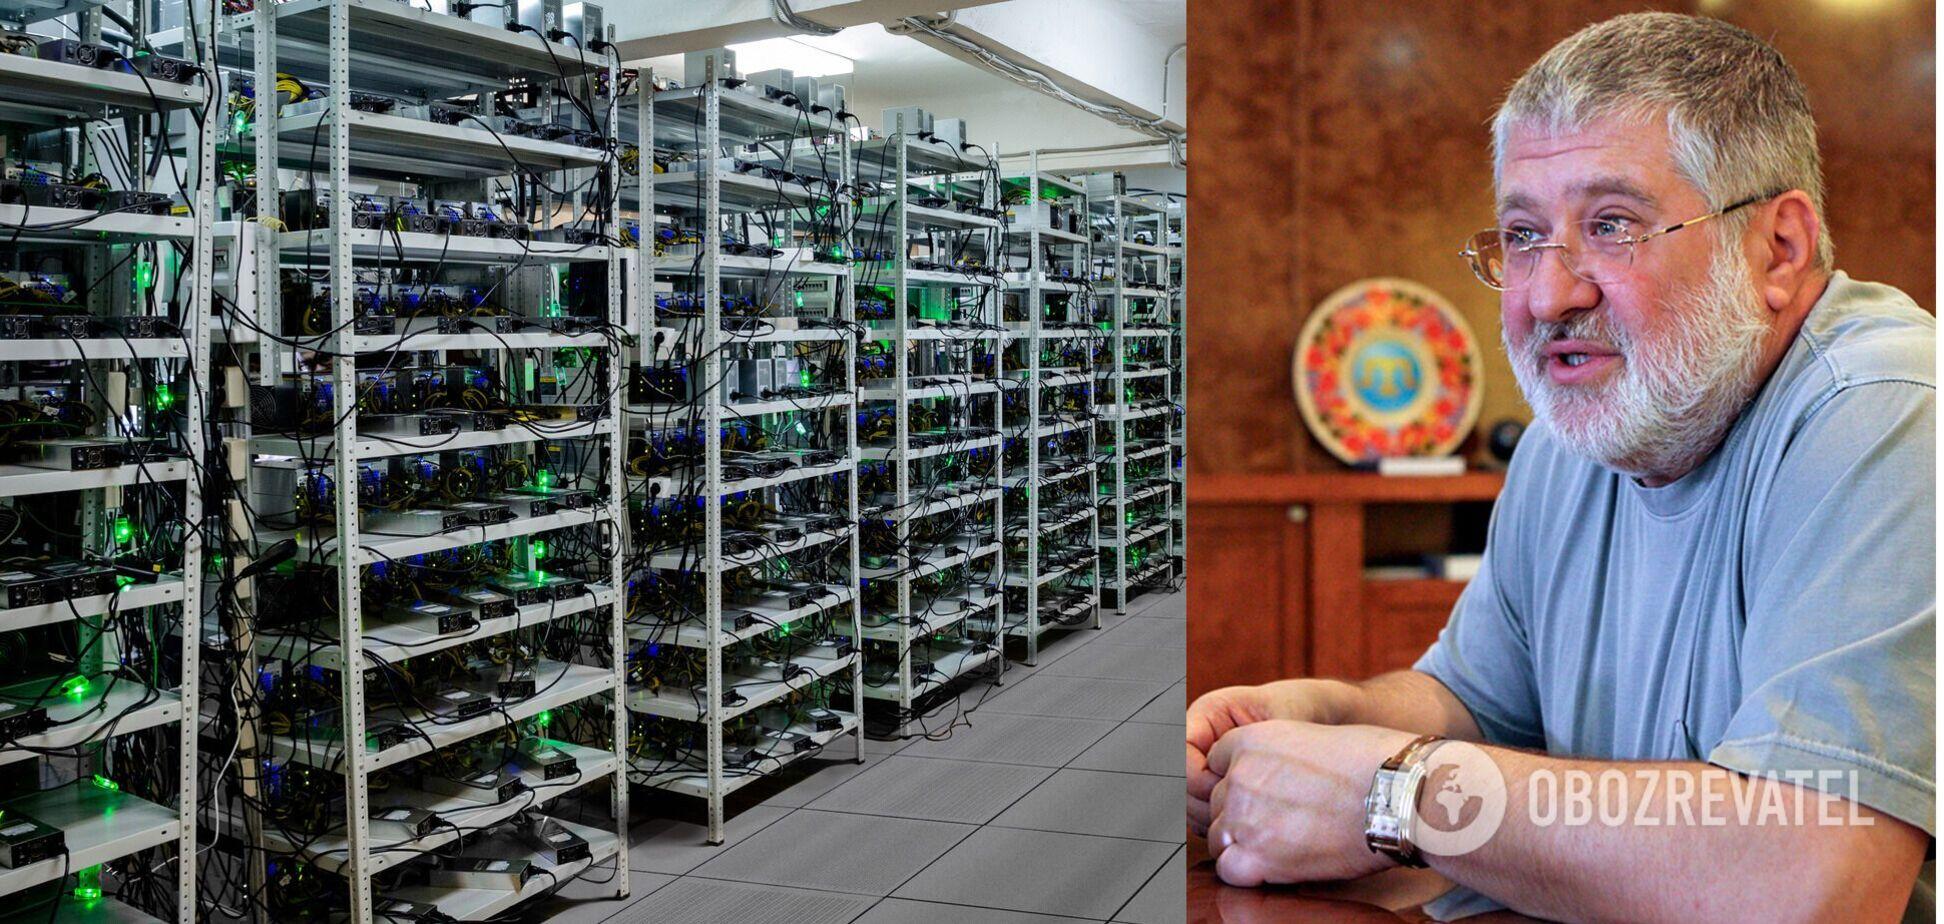 Коломойський заявив суду, що вклав у майнінг криптовалюти 50 млн доларів